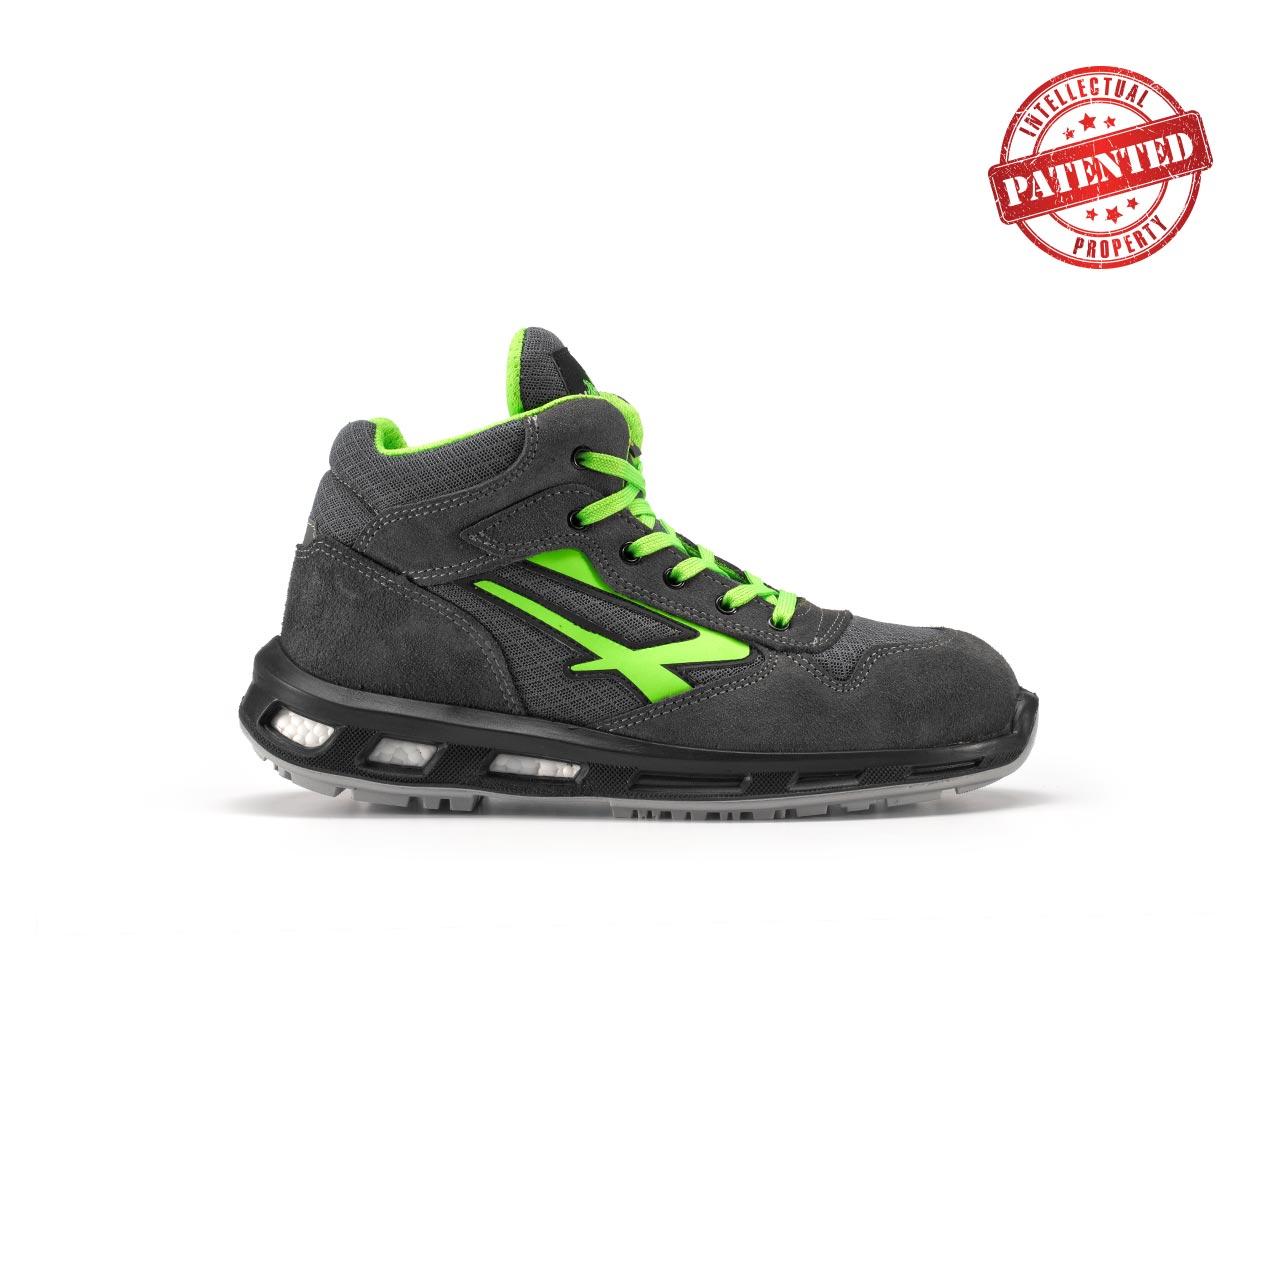 calzatura da lavoro alta upower modello ramas linea redlion vista lato destro